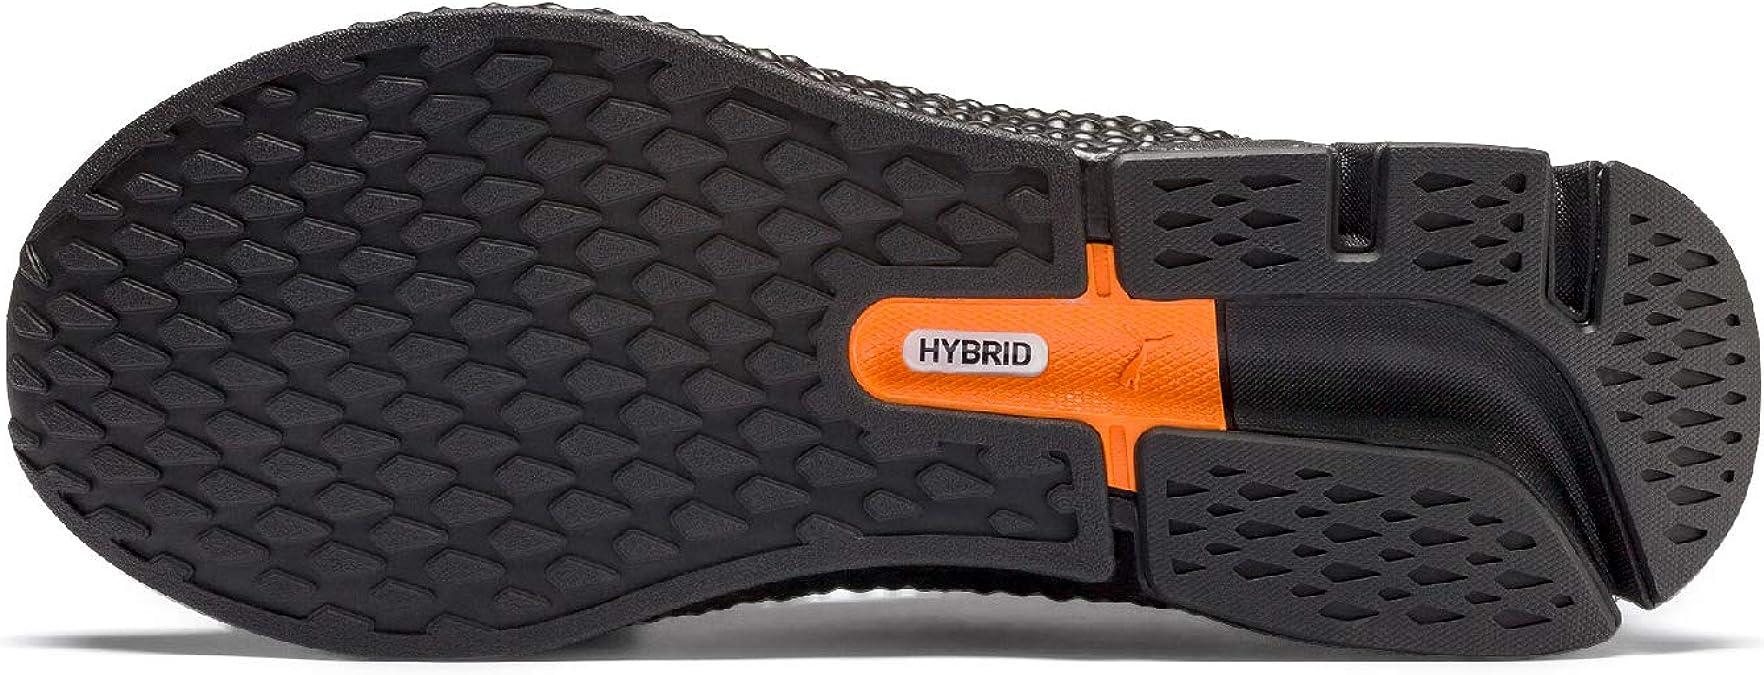 Puma Hybrid Netfit Astro - Zapatillas de correr para hombre Gibraltar Sea, color negro, talla 40: Amazon.es: Zapatos y complementos